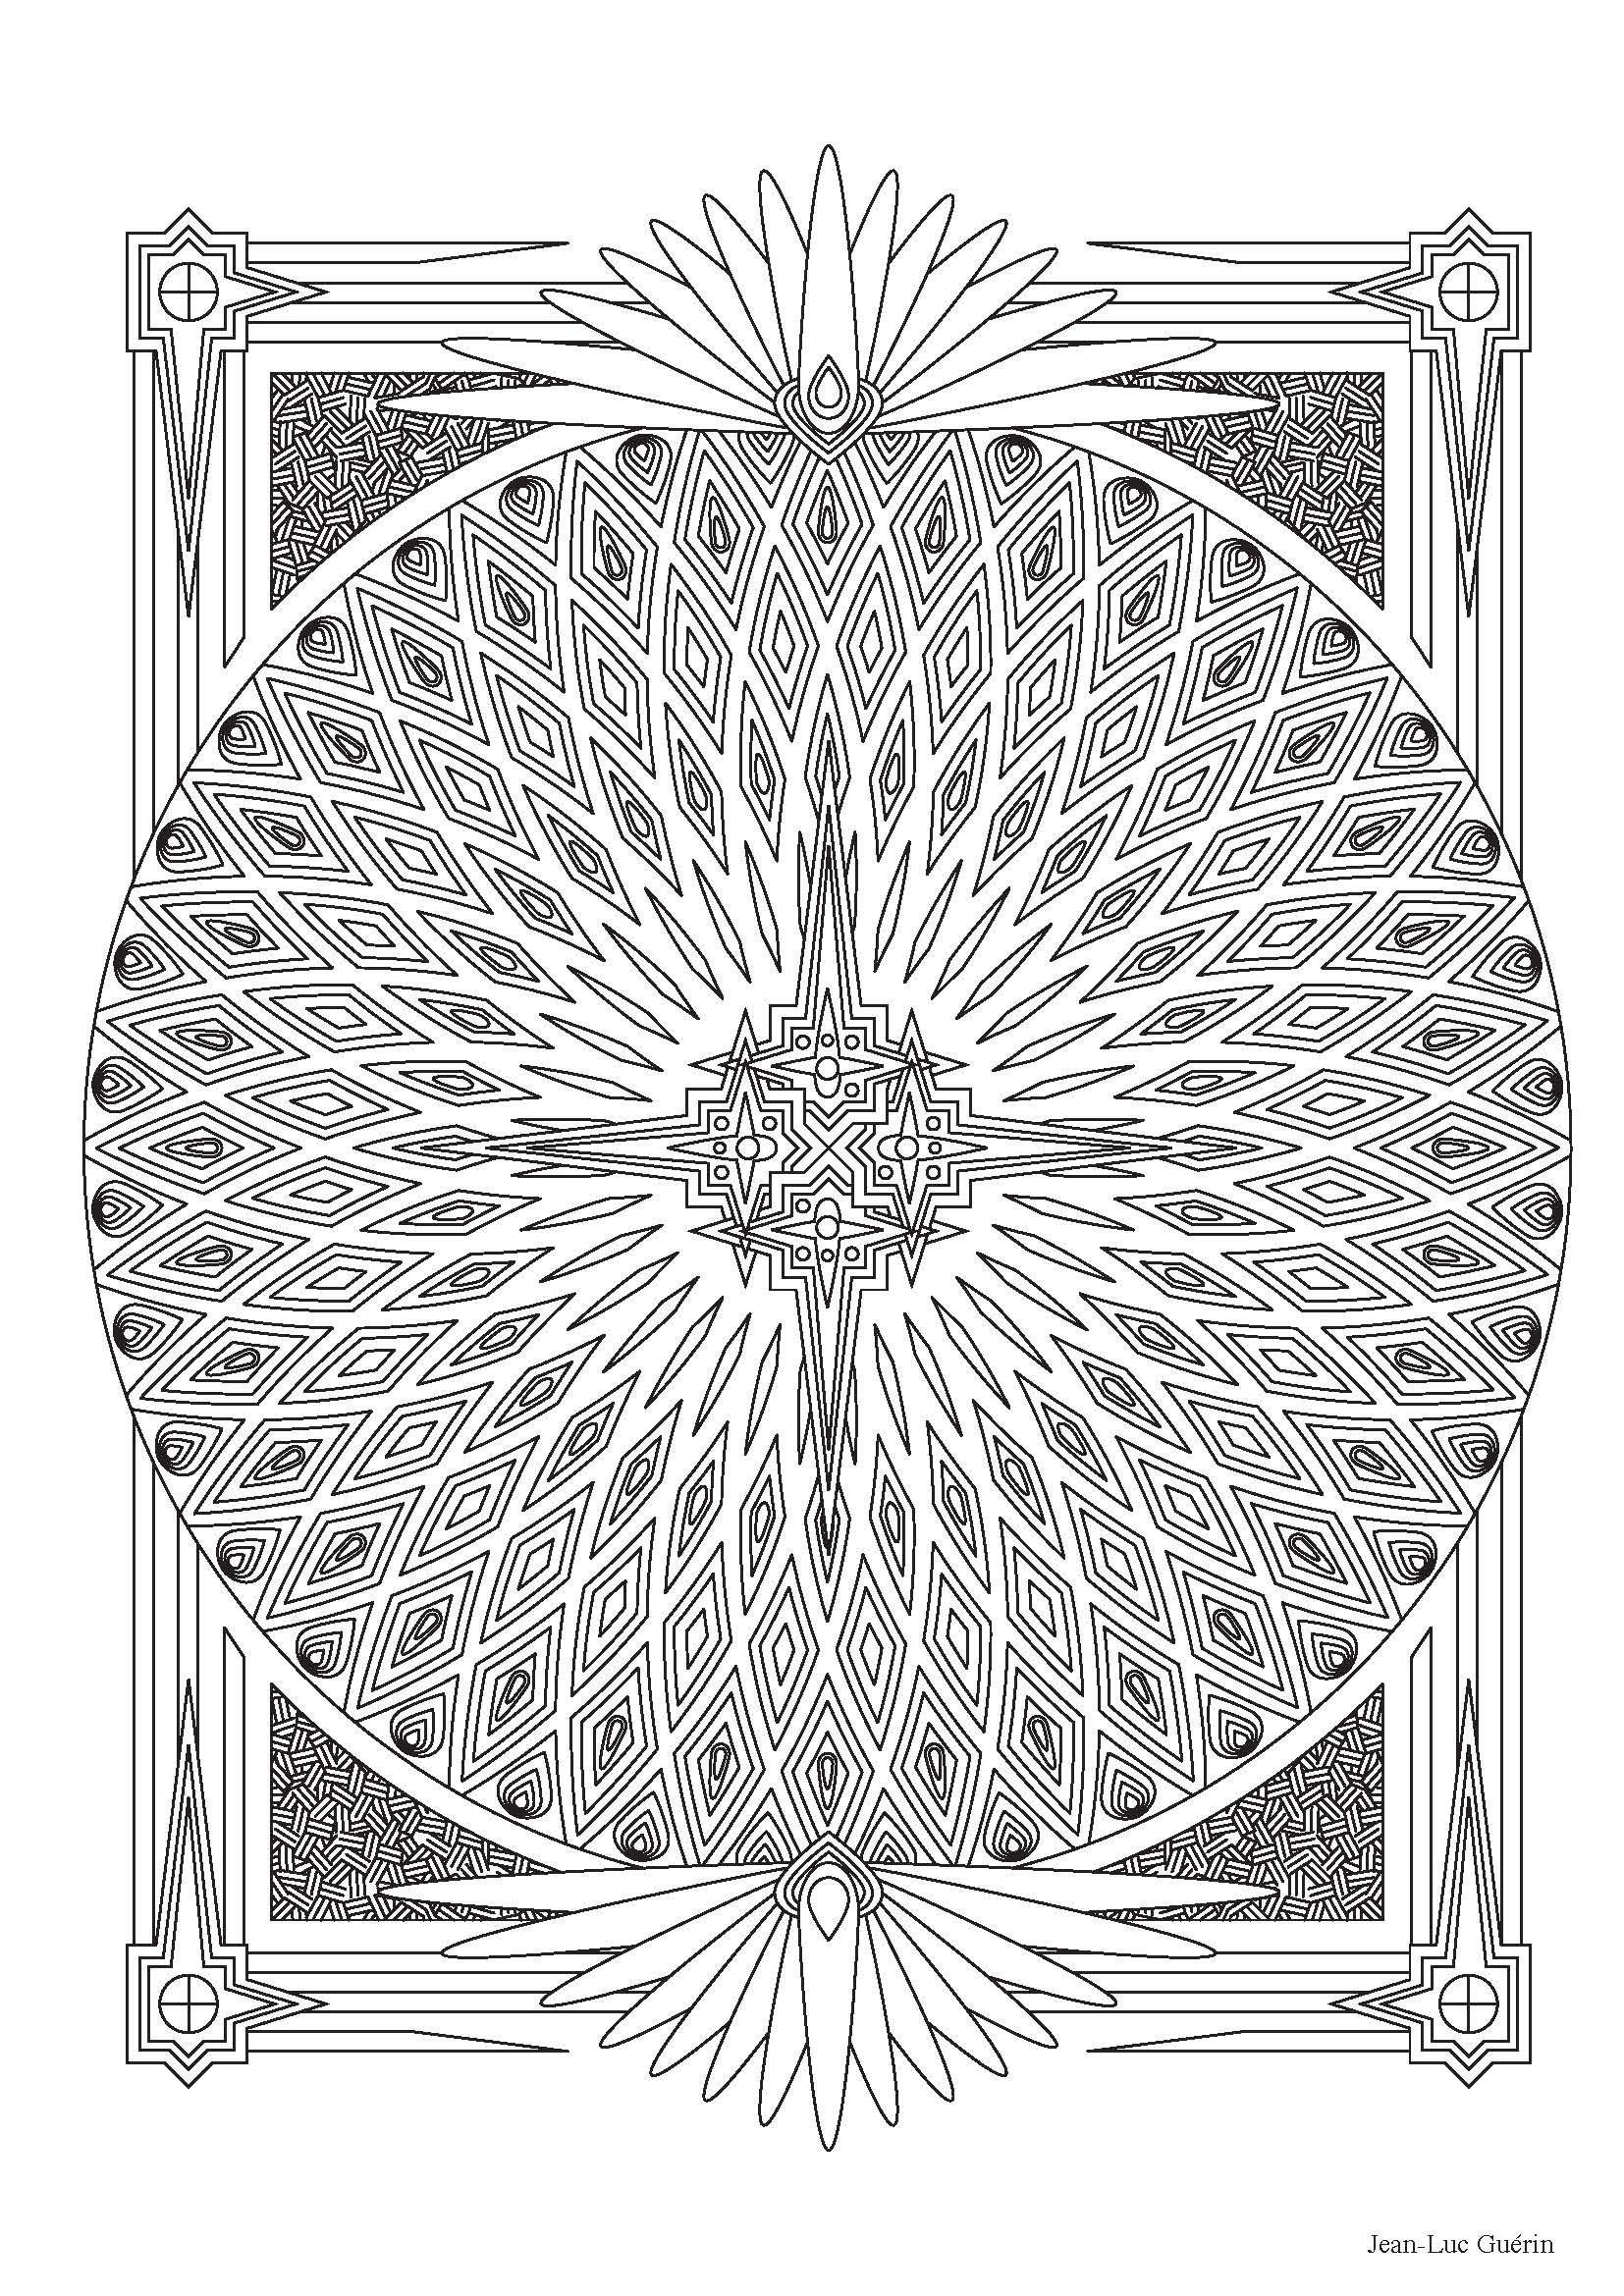 Le Livre Des Merveilles 300 Coloriages Anti Stress Amazon De Hachette Pratique Fremdsprachige B Mandala Ausmalen Vorlagen Zum Ausmalen Mandala Malvorlagen